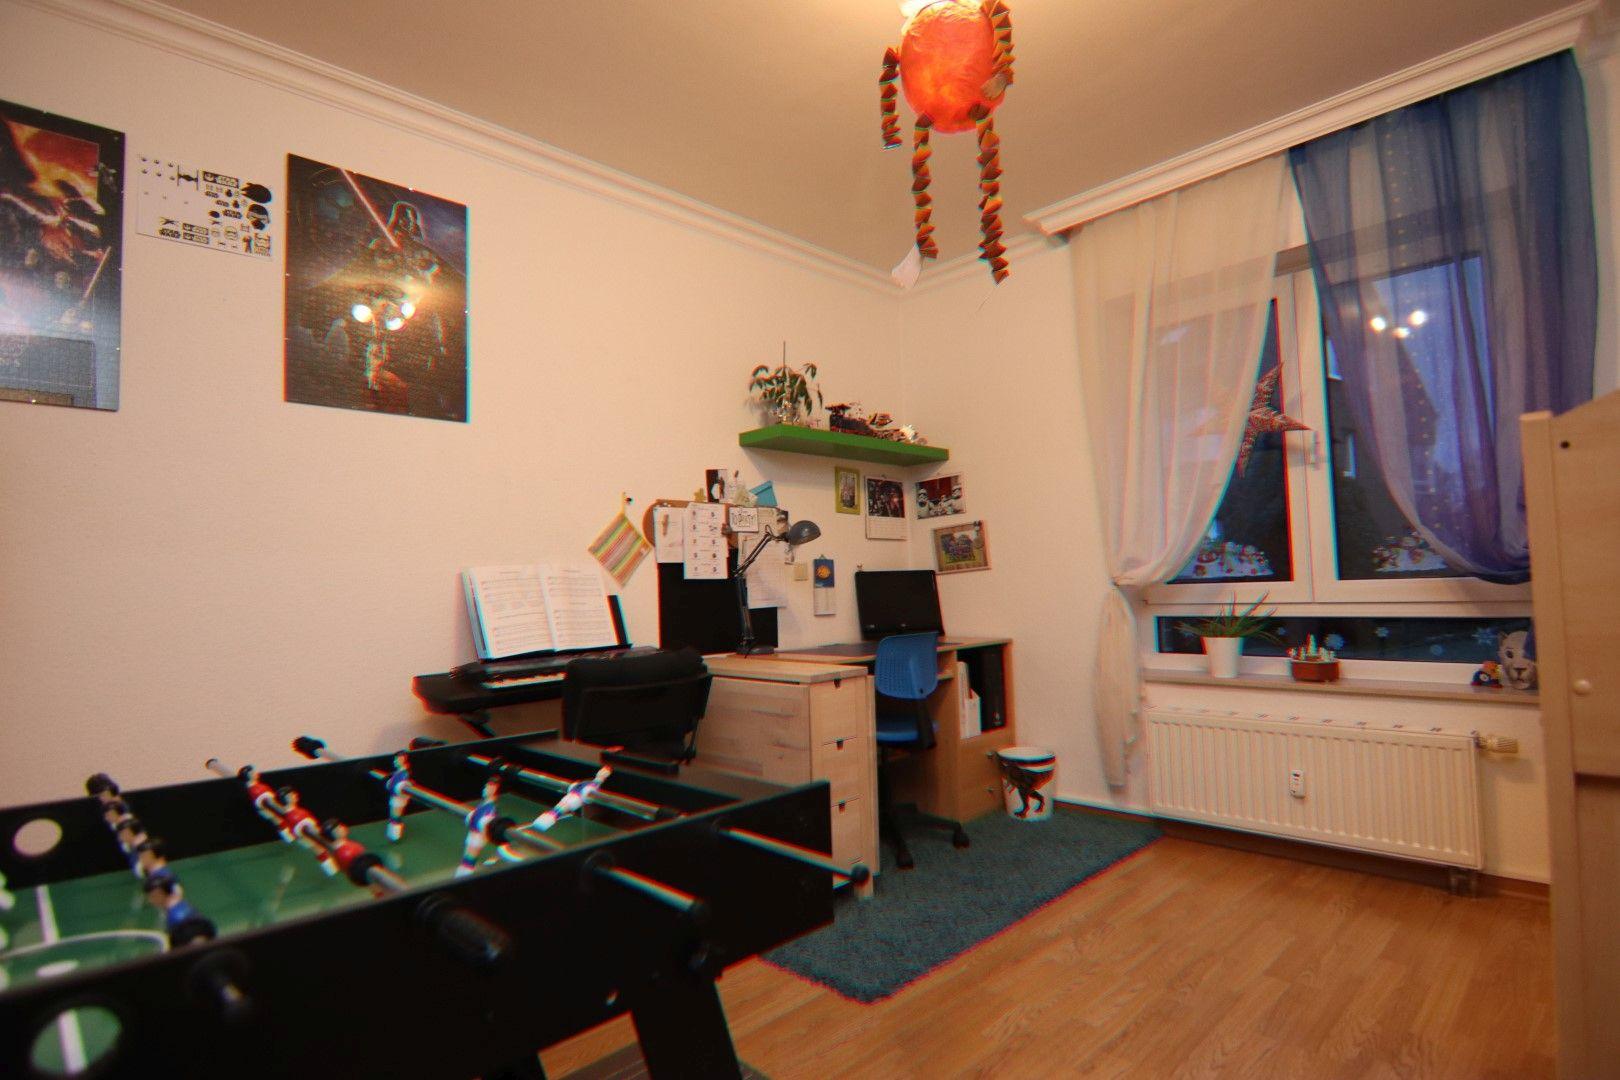 Immobilie Nr.0288 - 4 Zimmer EG-Wohnung mit 2 Bädern und 2 Balkonen - Bild 6.jpg